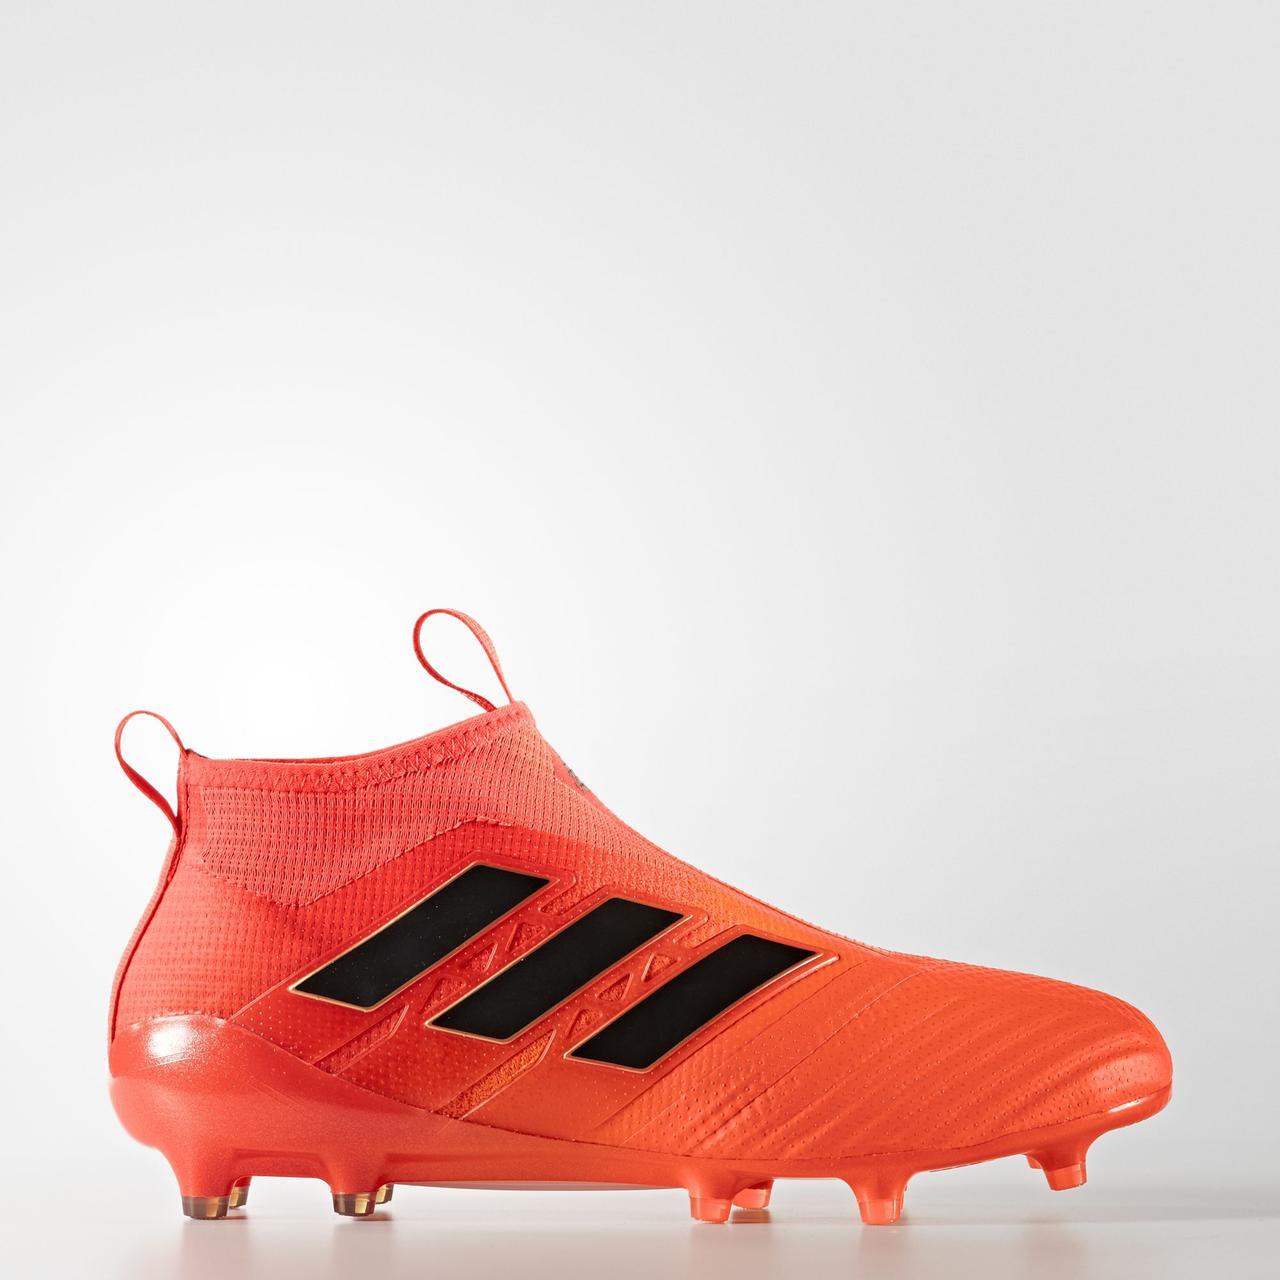 Футбольные бутсы Adidas Performance Ace 17 + Purecontrol FG AG (Артикул   BY2457) ca12acbb640